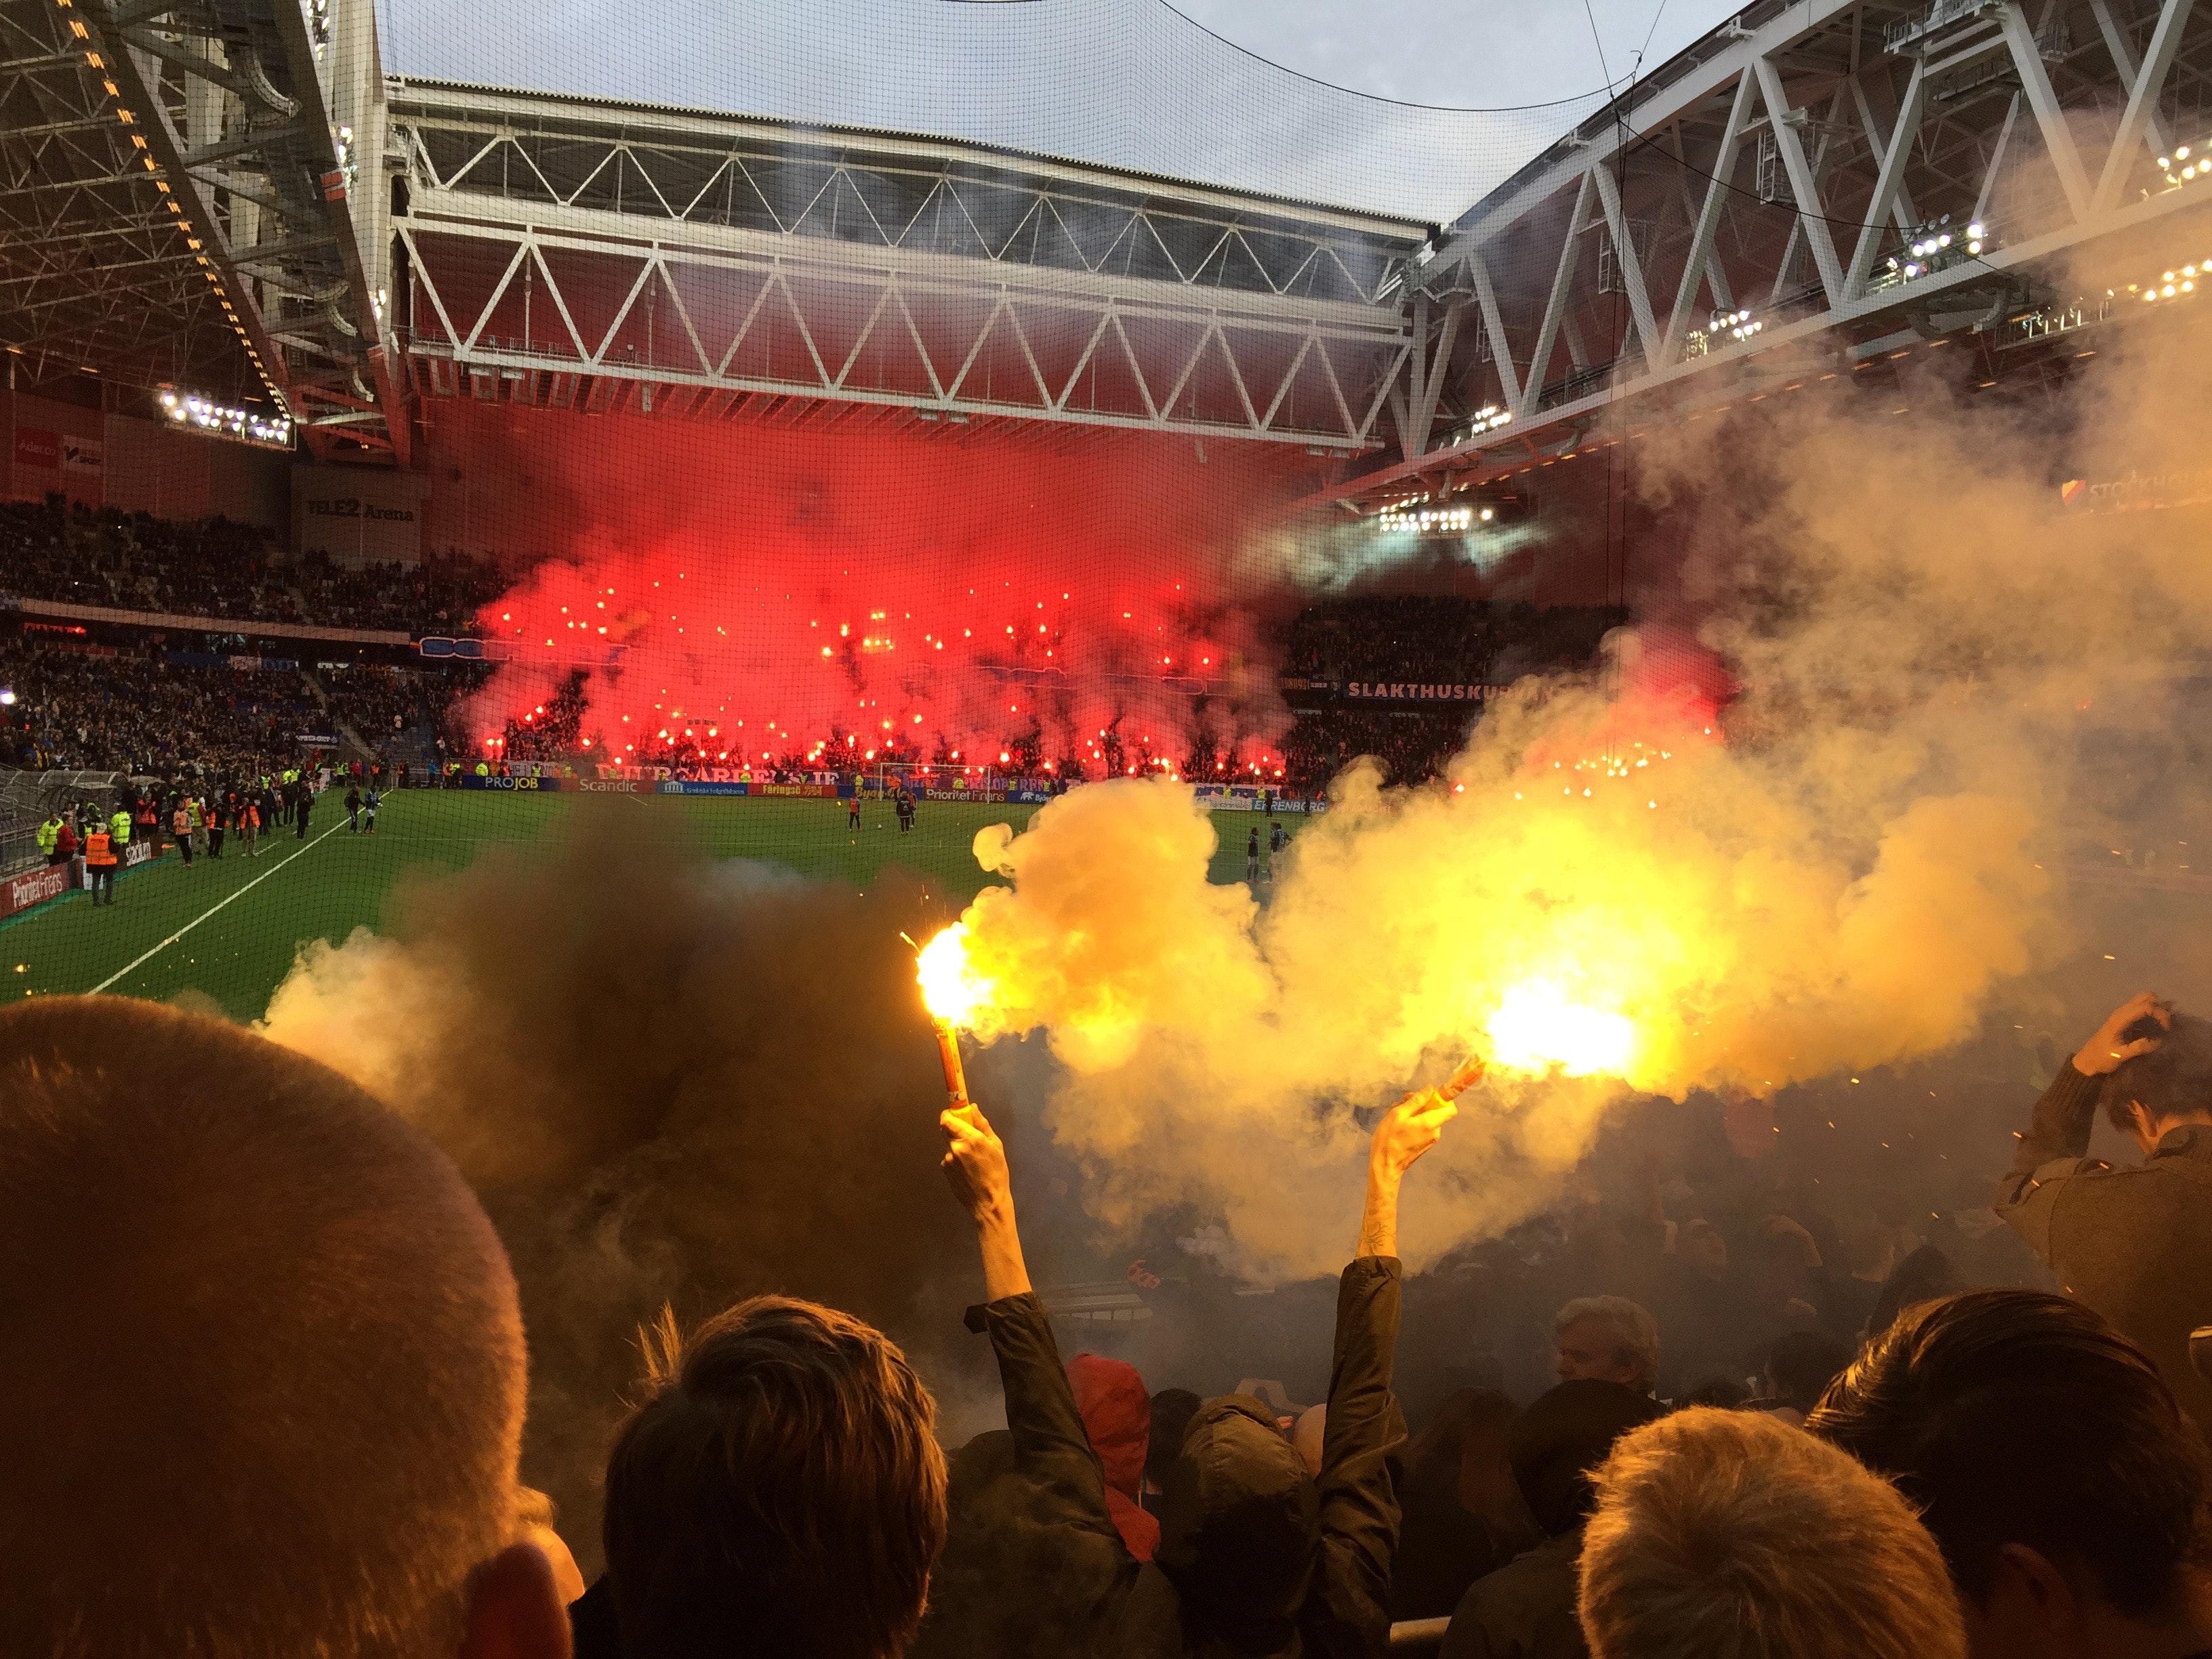 Pyrotechnik in Fußballstadion